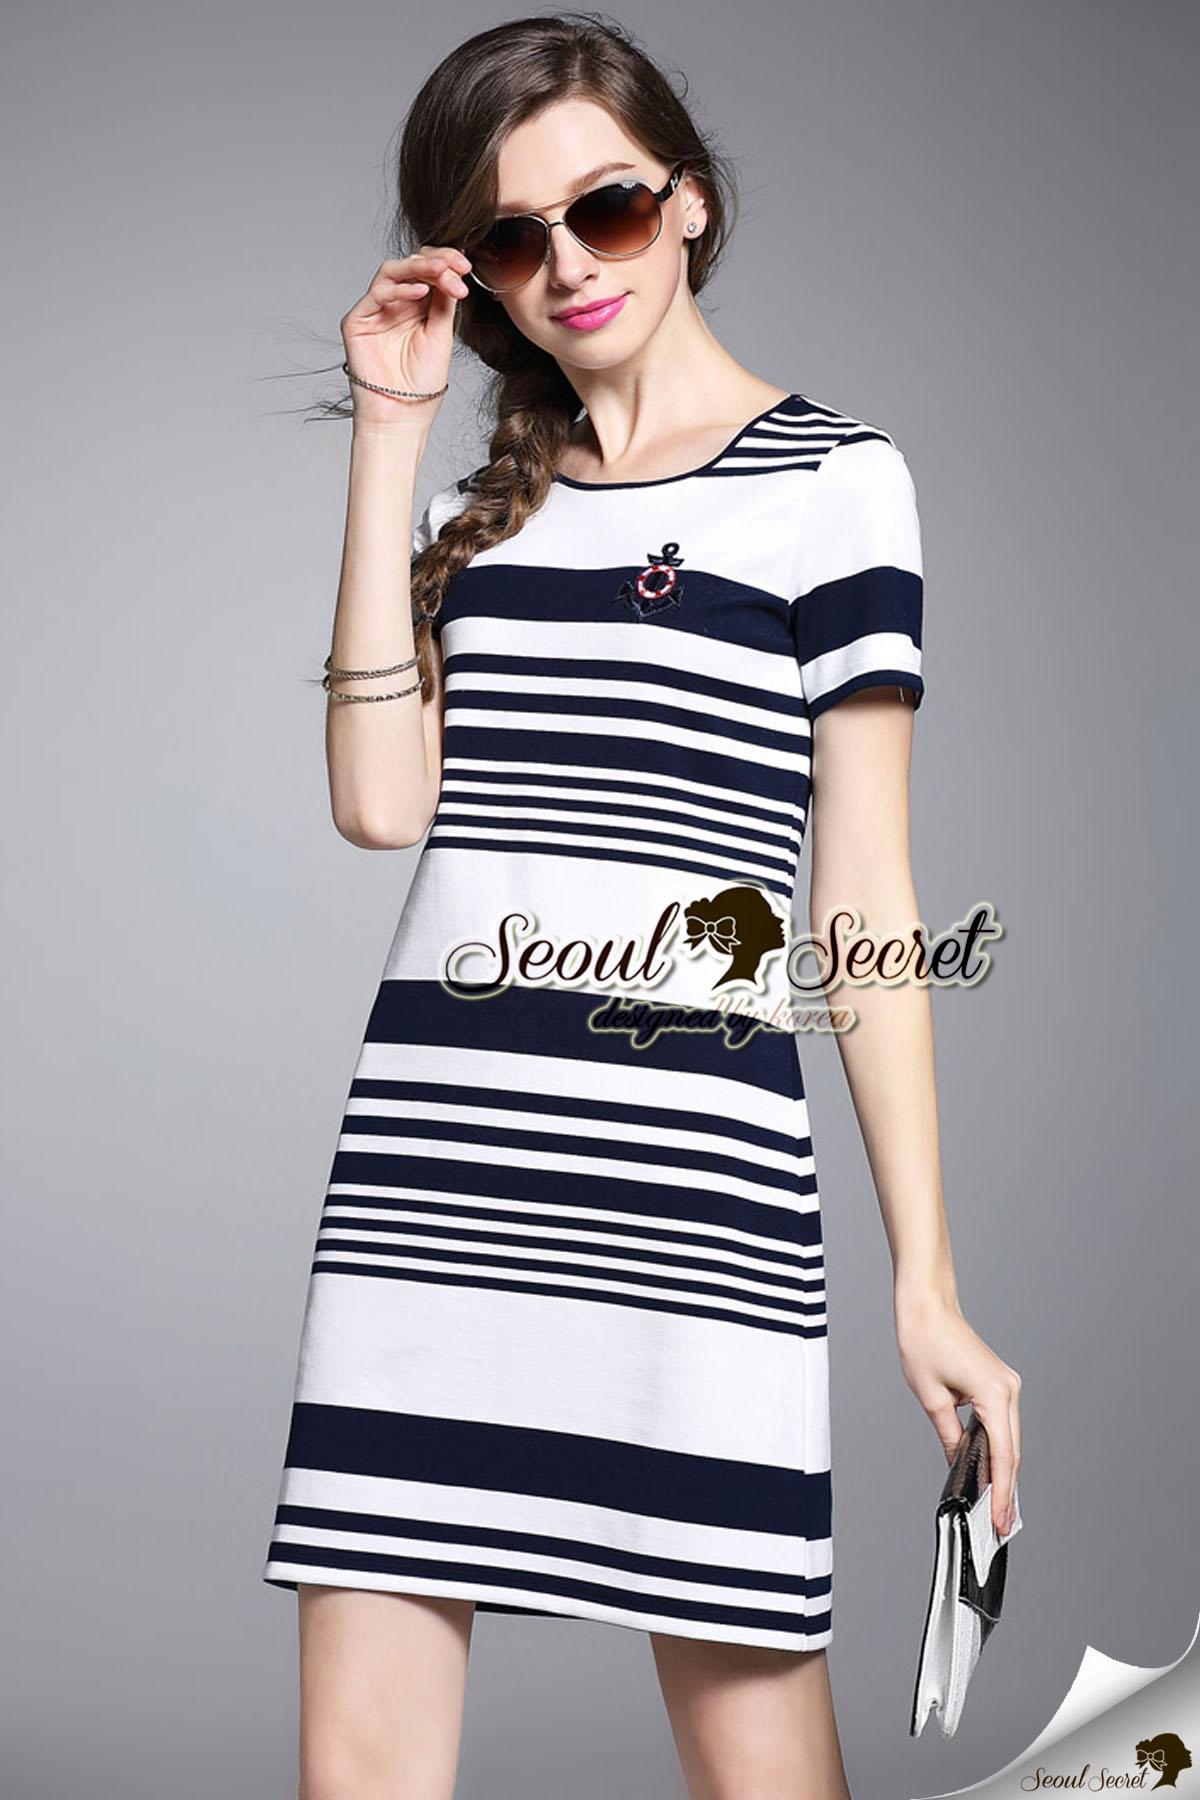 Seoul Secret Say's... Anchorry Stripe Chic Dress Material : เก๋ๆ ด้วยเดรสทรงสไตล์ลำลอง ใส่เที่ยวในวันสบายๆ ดูเหมาะมากคะ เนื้อผ้ายืดใส่สบายๆ เก๋ๆ ด้วยงานทอลายริ้ว เติมความเก๋ด้วยงานปักลายสมอทหารเรือที่ช่วงอก เดรสใส่ง่ายเก๋ๆ เรียบเก๋ดูดี ลุคสาวเก๋